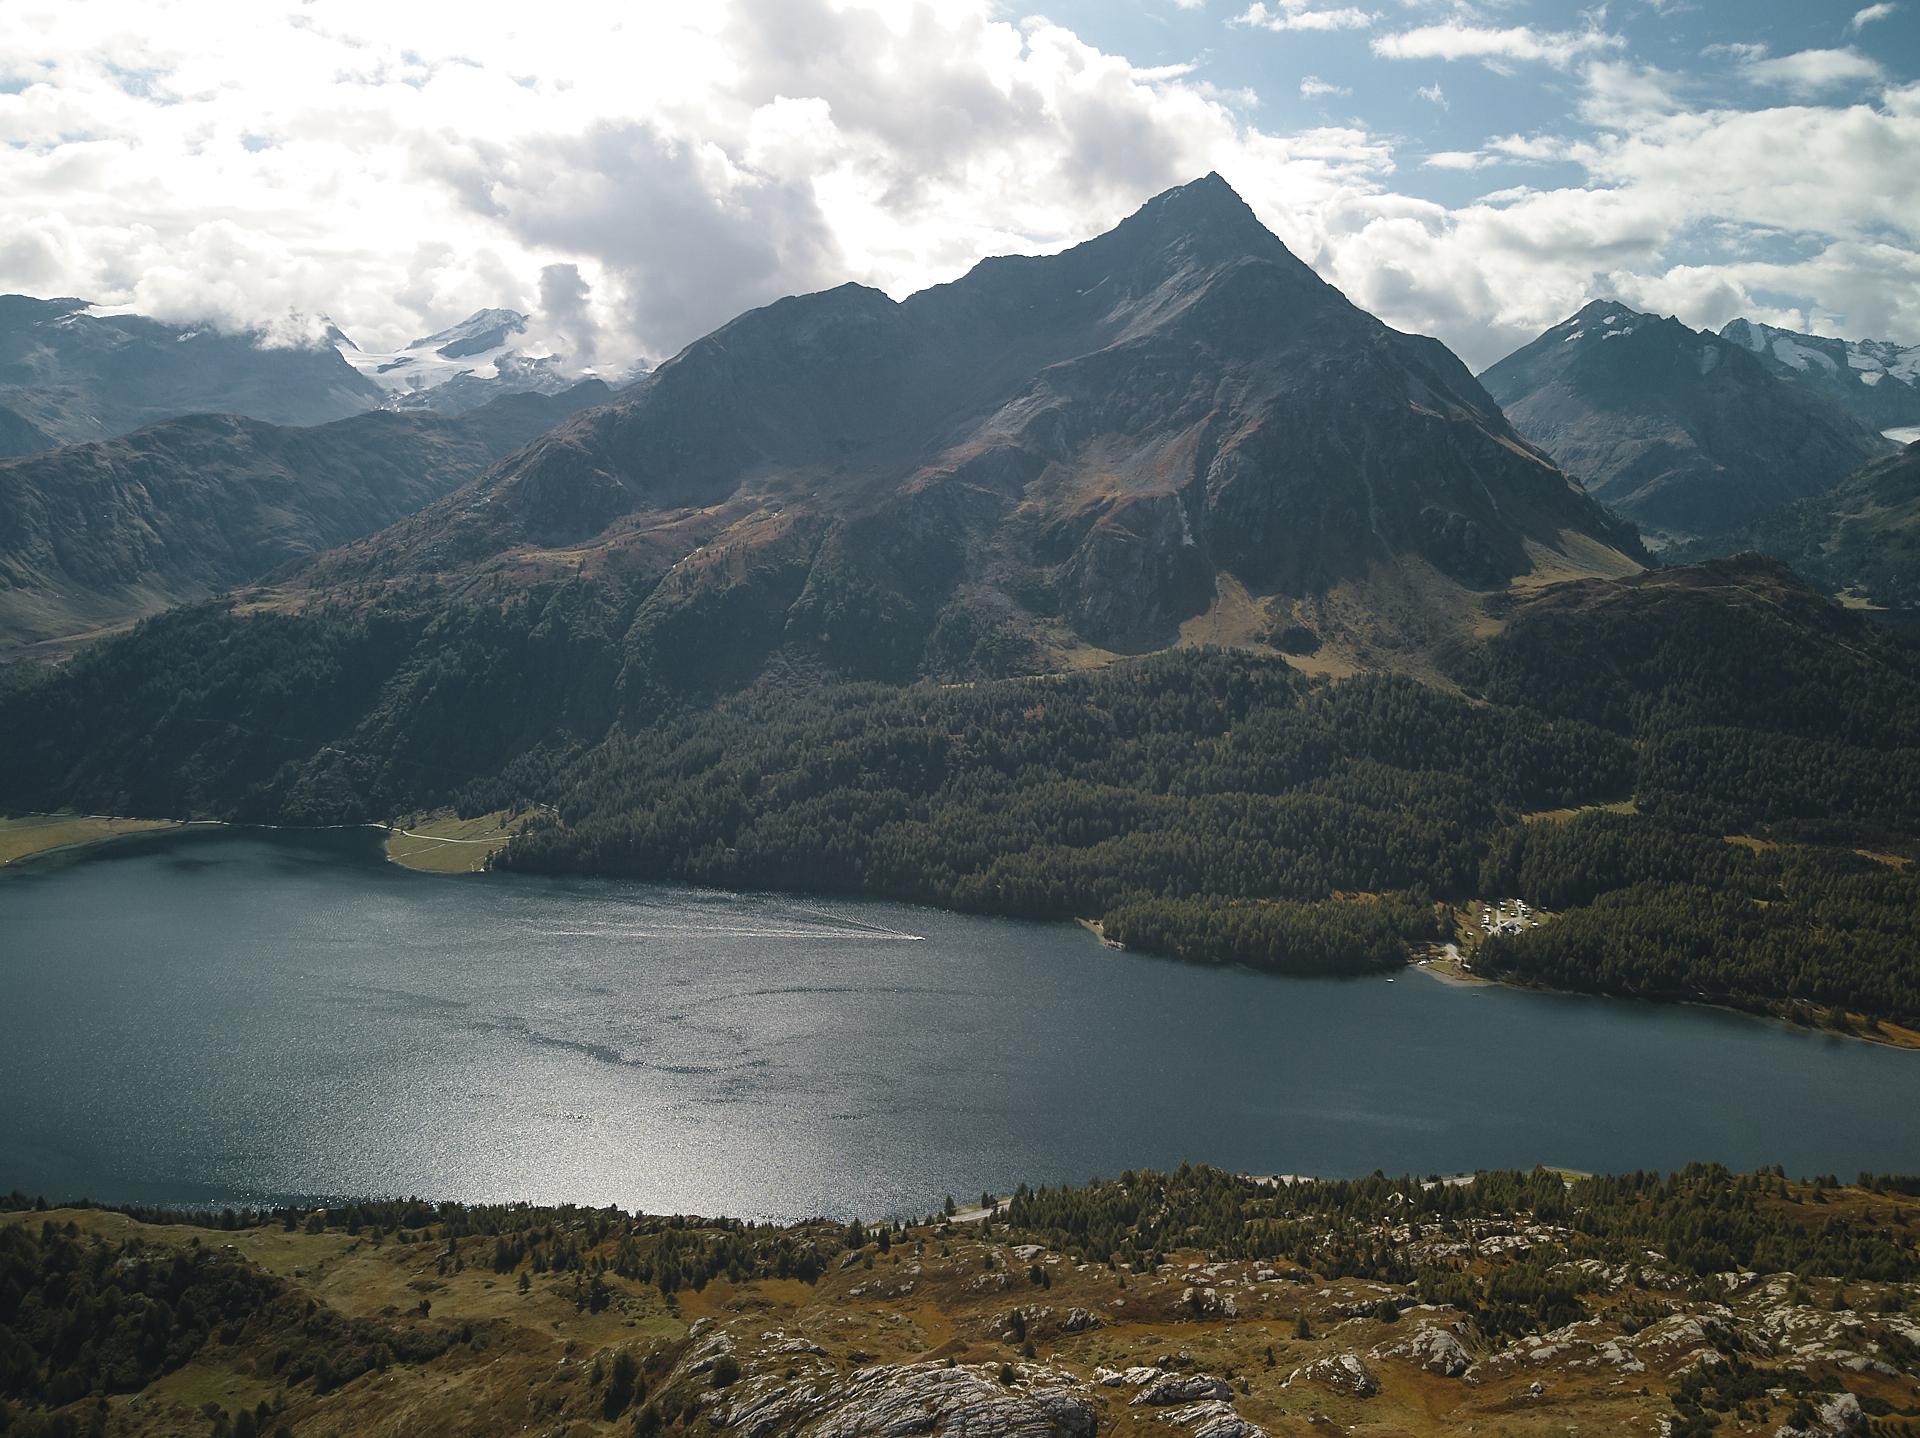 randonnée autour du lac de Silvaplana ou de Sils